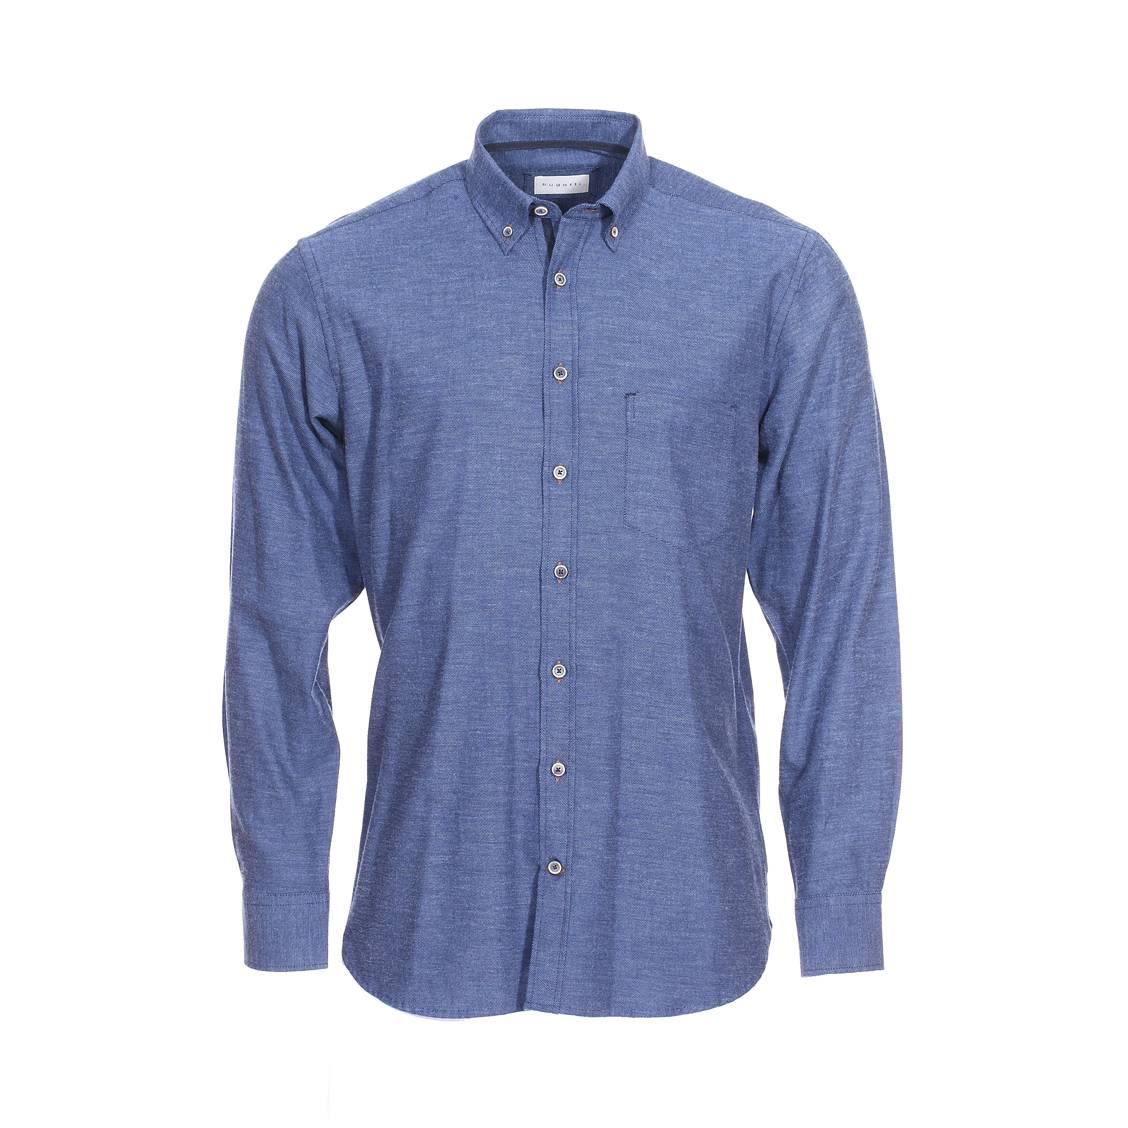 Chemise droite Bugatti en piqué de coton bleu jean